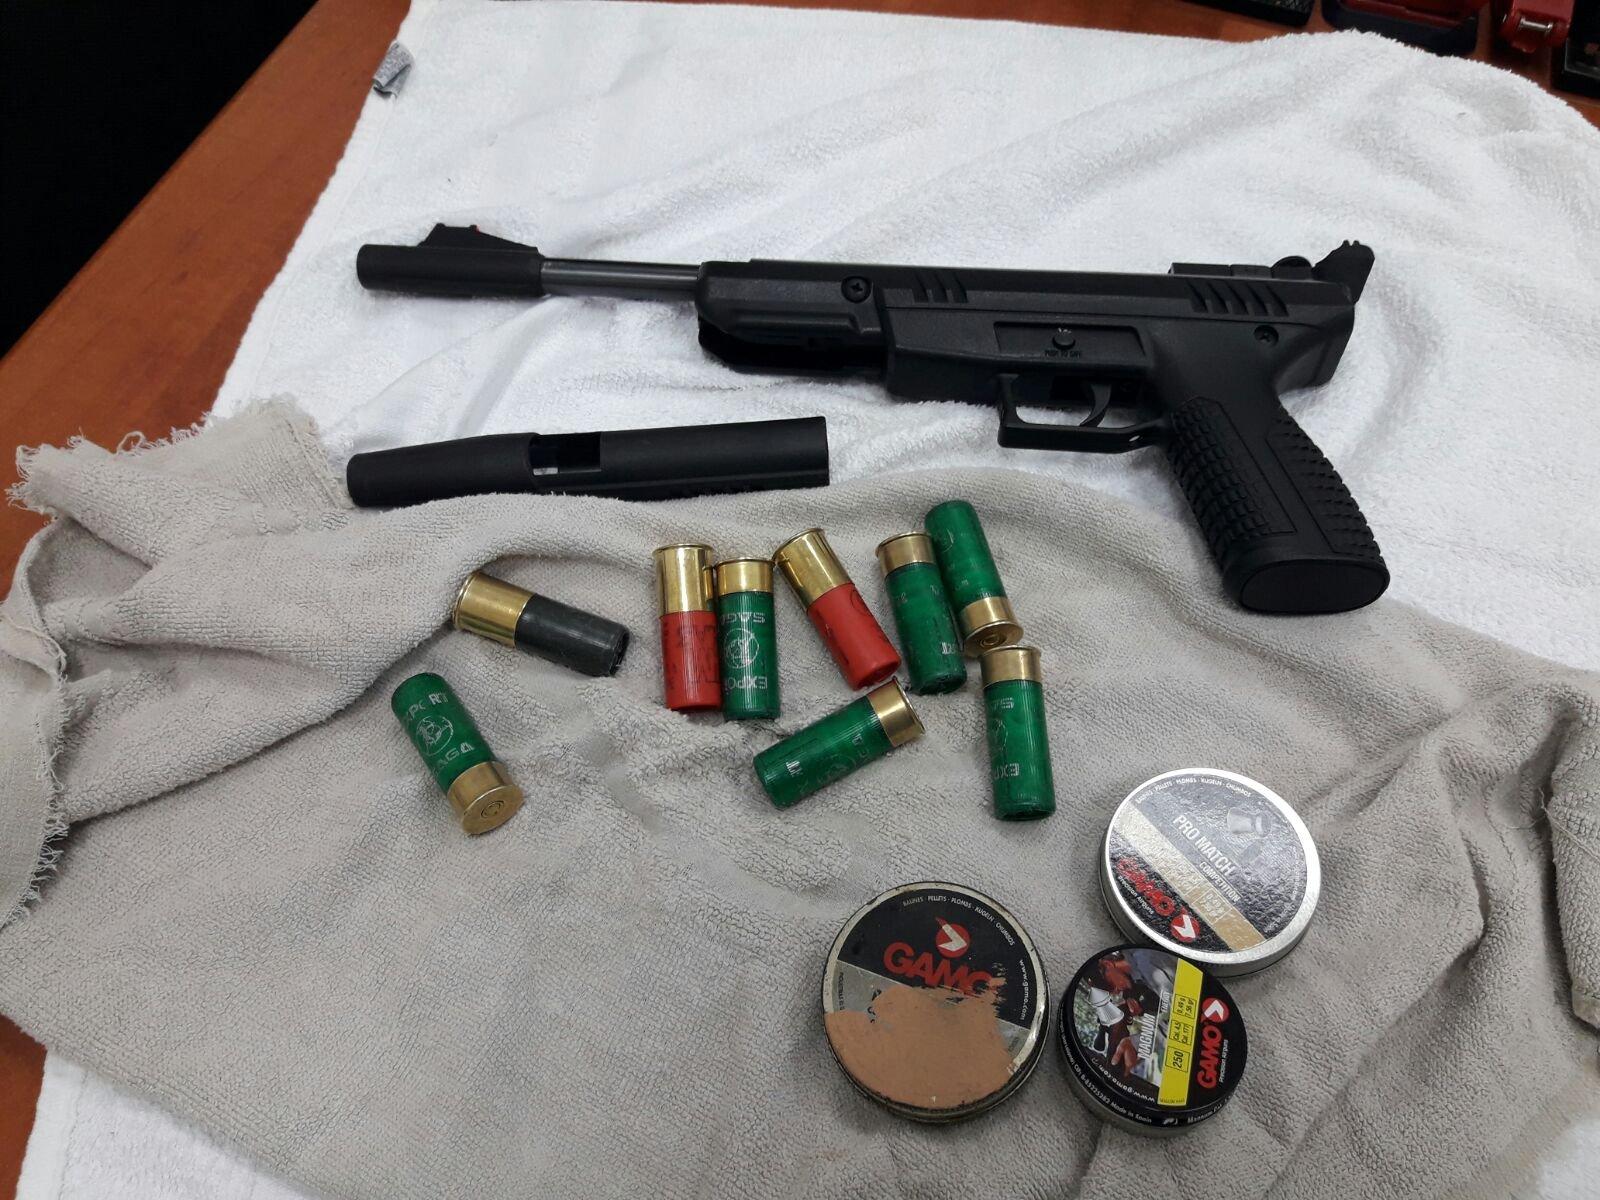 منذ بداية العام: اعتقال 115 مشتبها بحيازة واستخدام  للأسلحة